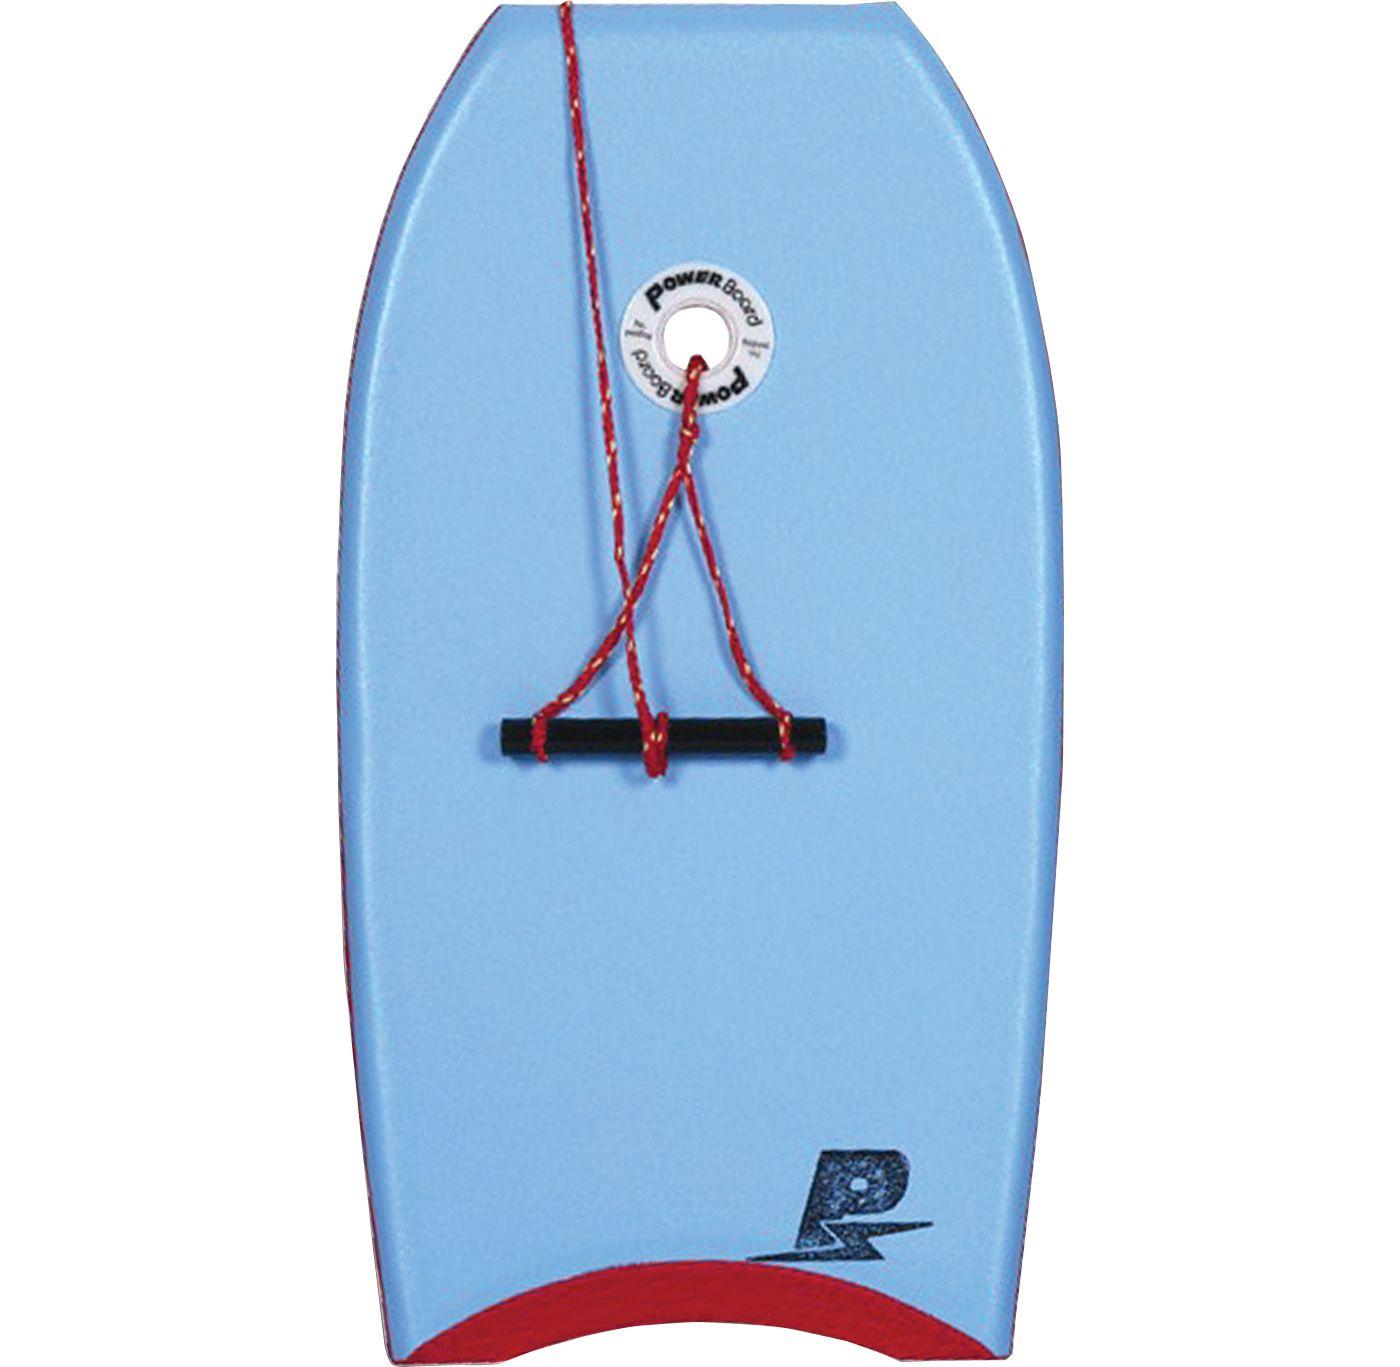 Hydroslide Kids' Top Dog Power Board Kneeboard